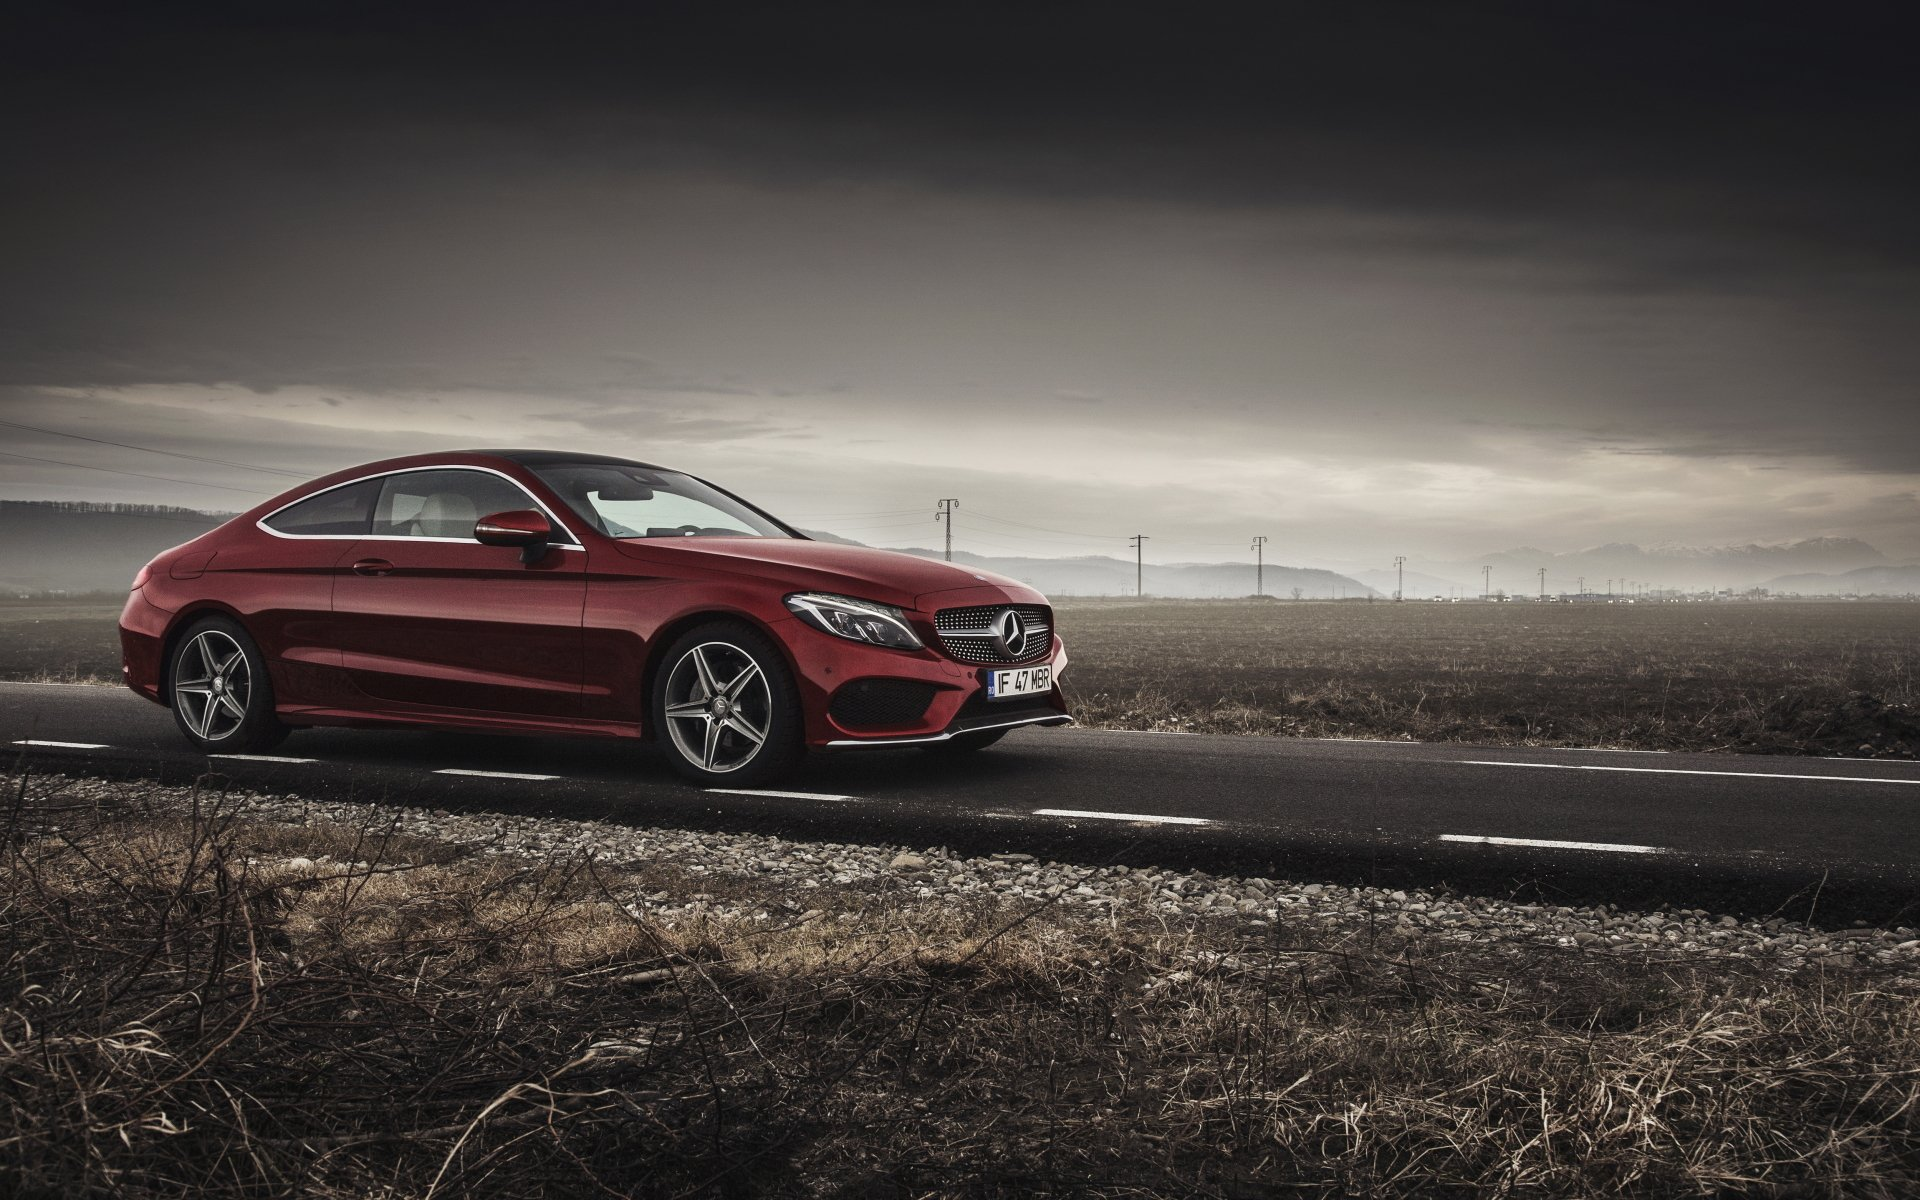 Mercedes-Benz C-Class 4k Ultra HD Wallpaper | Background ...